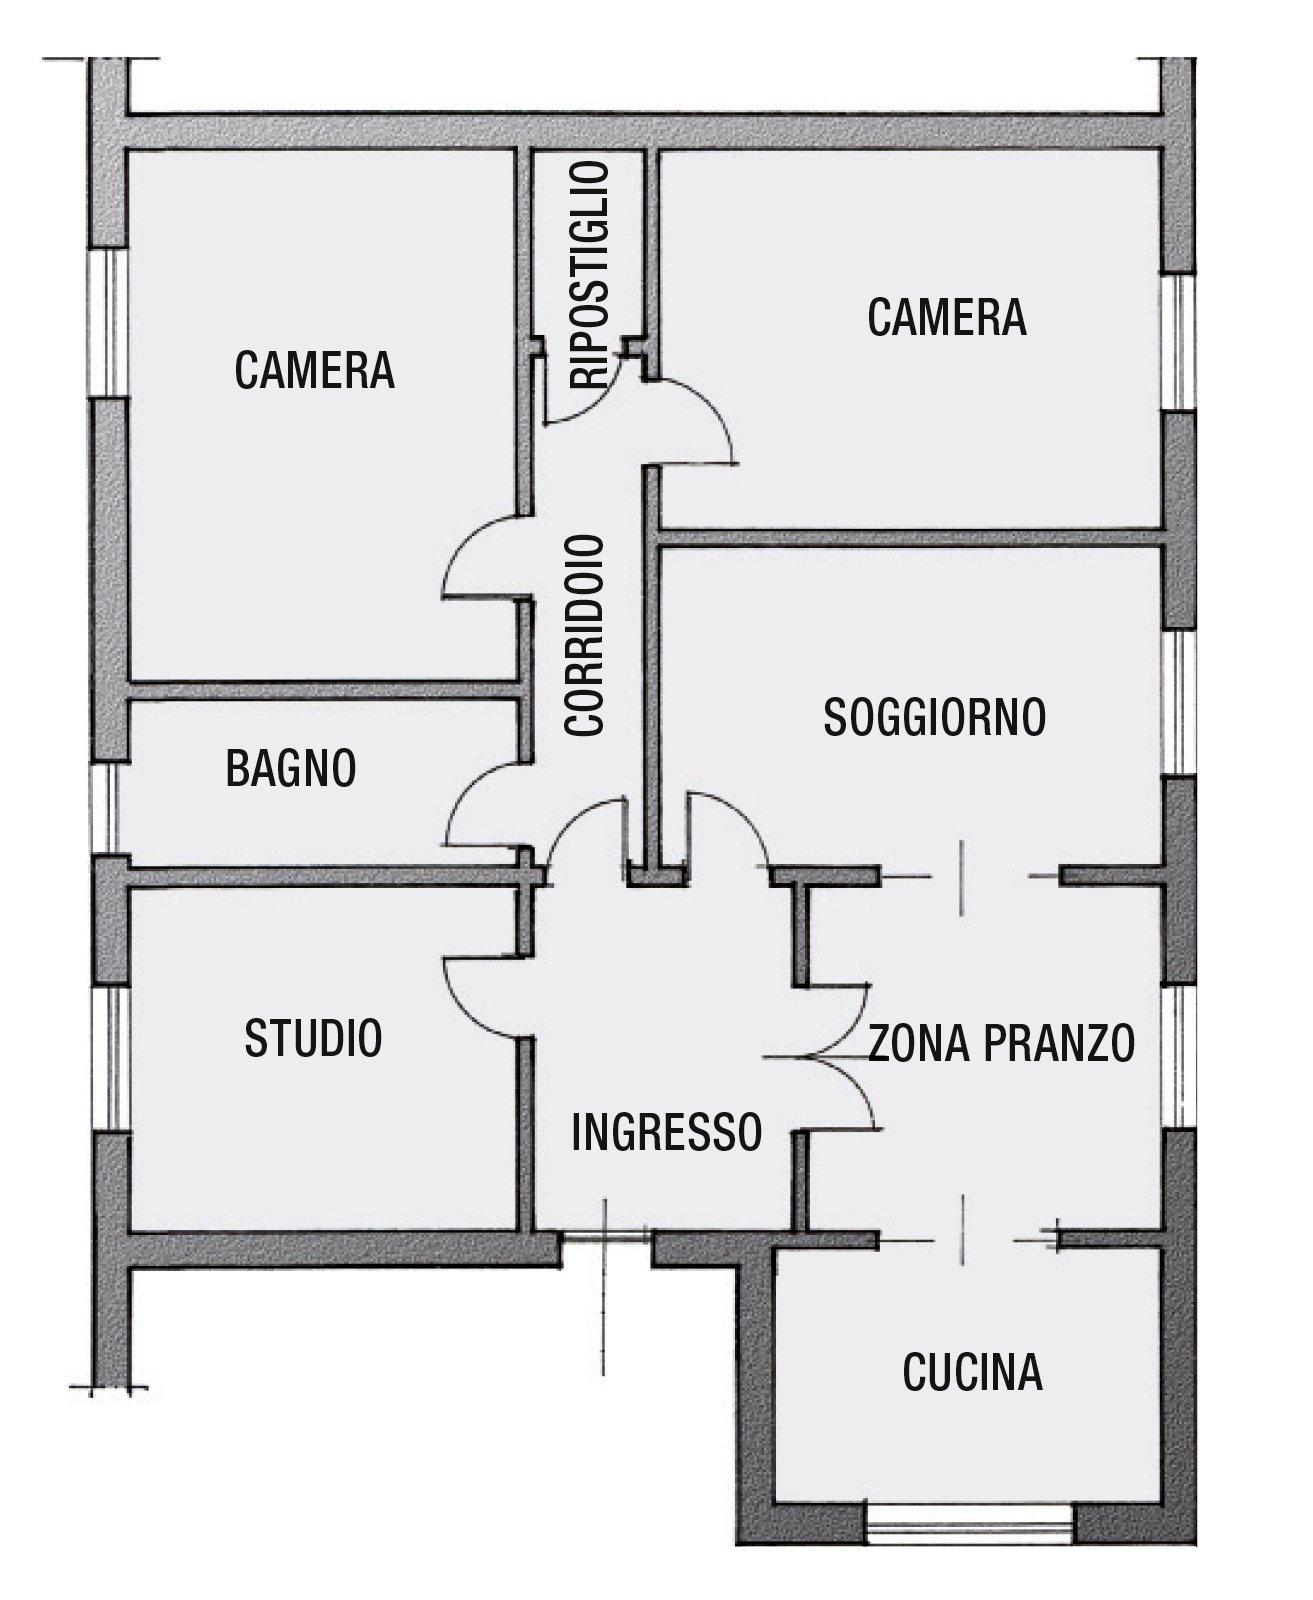 Bagno un progetto per renderlo pi grande e ricavare l 39 antibagno cose di casa - Progetto bagno 2 mq ...